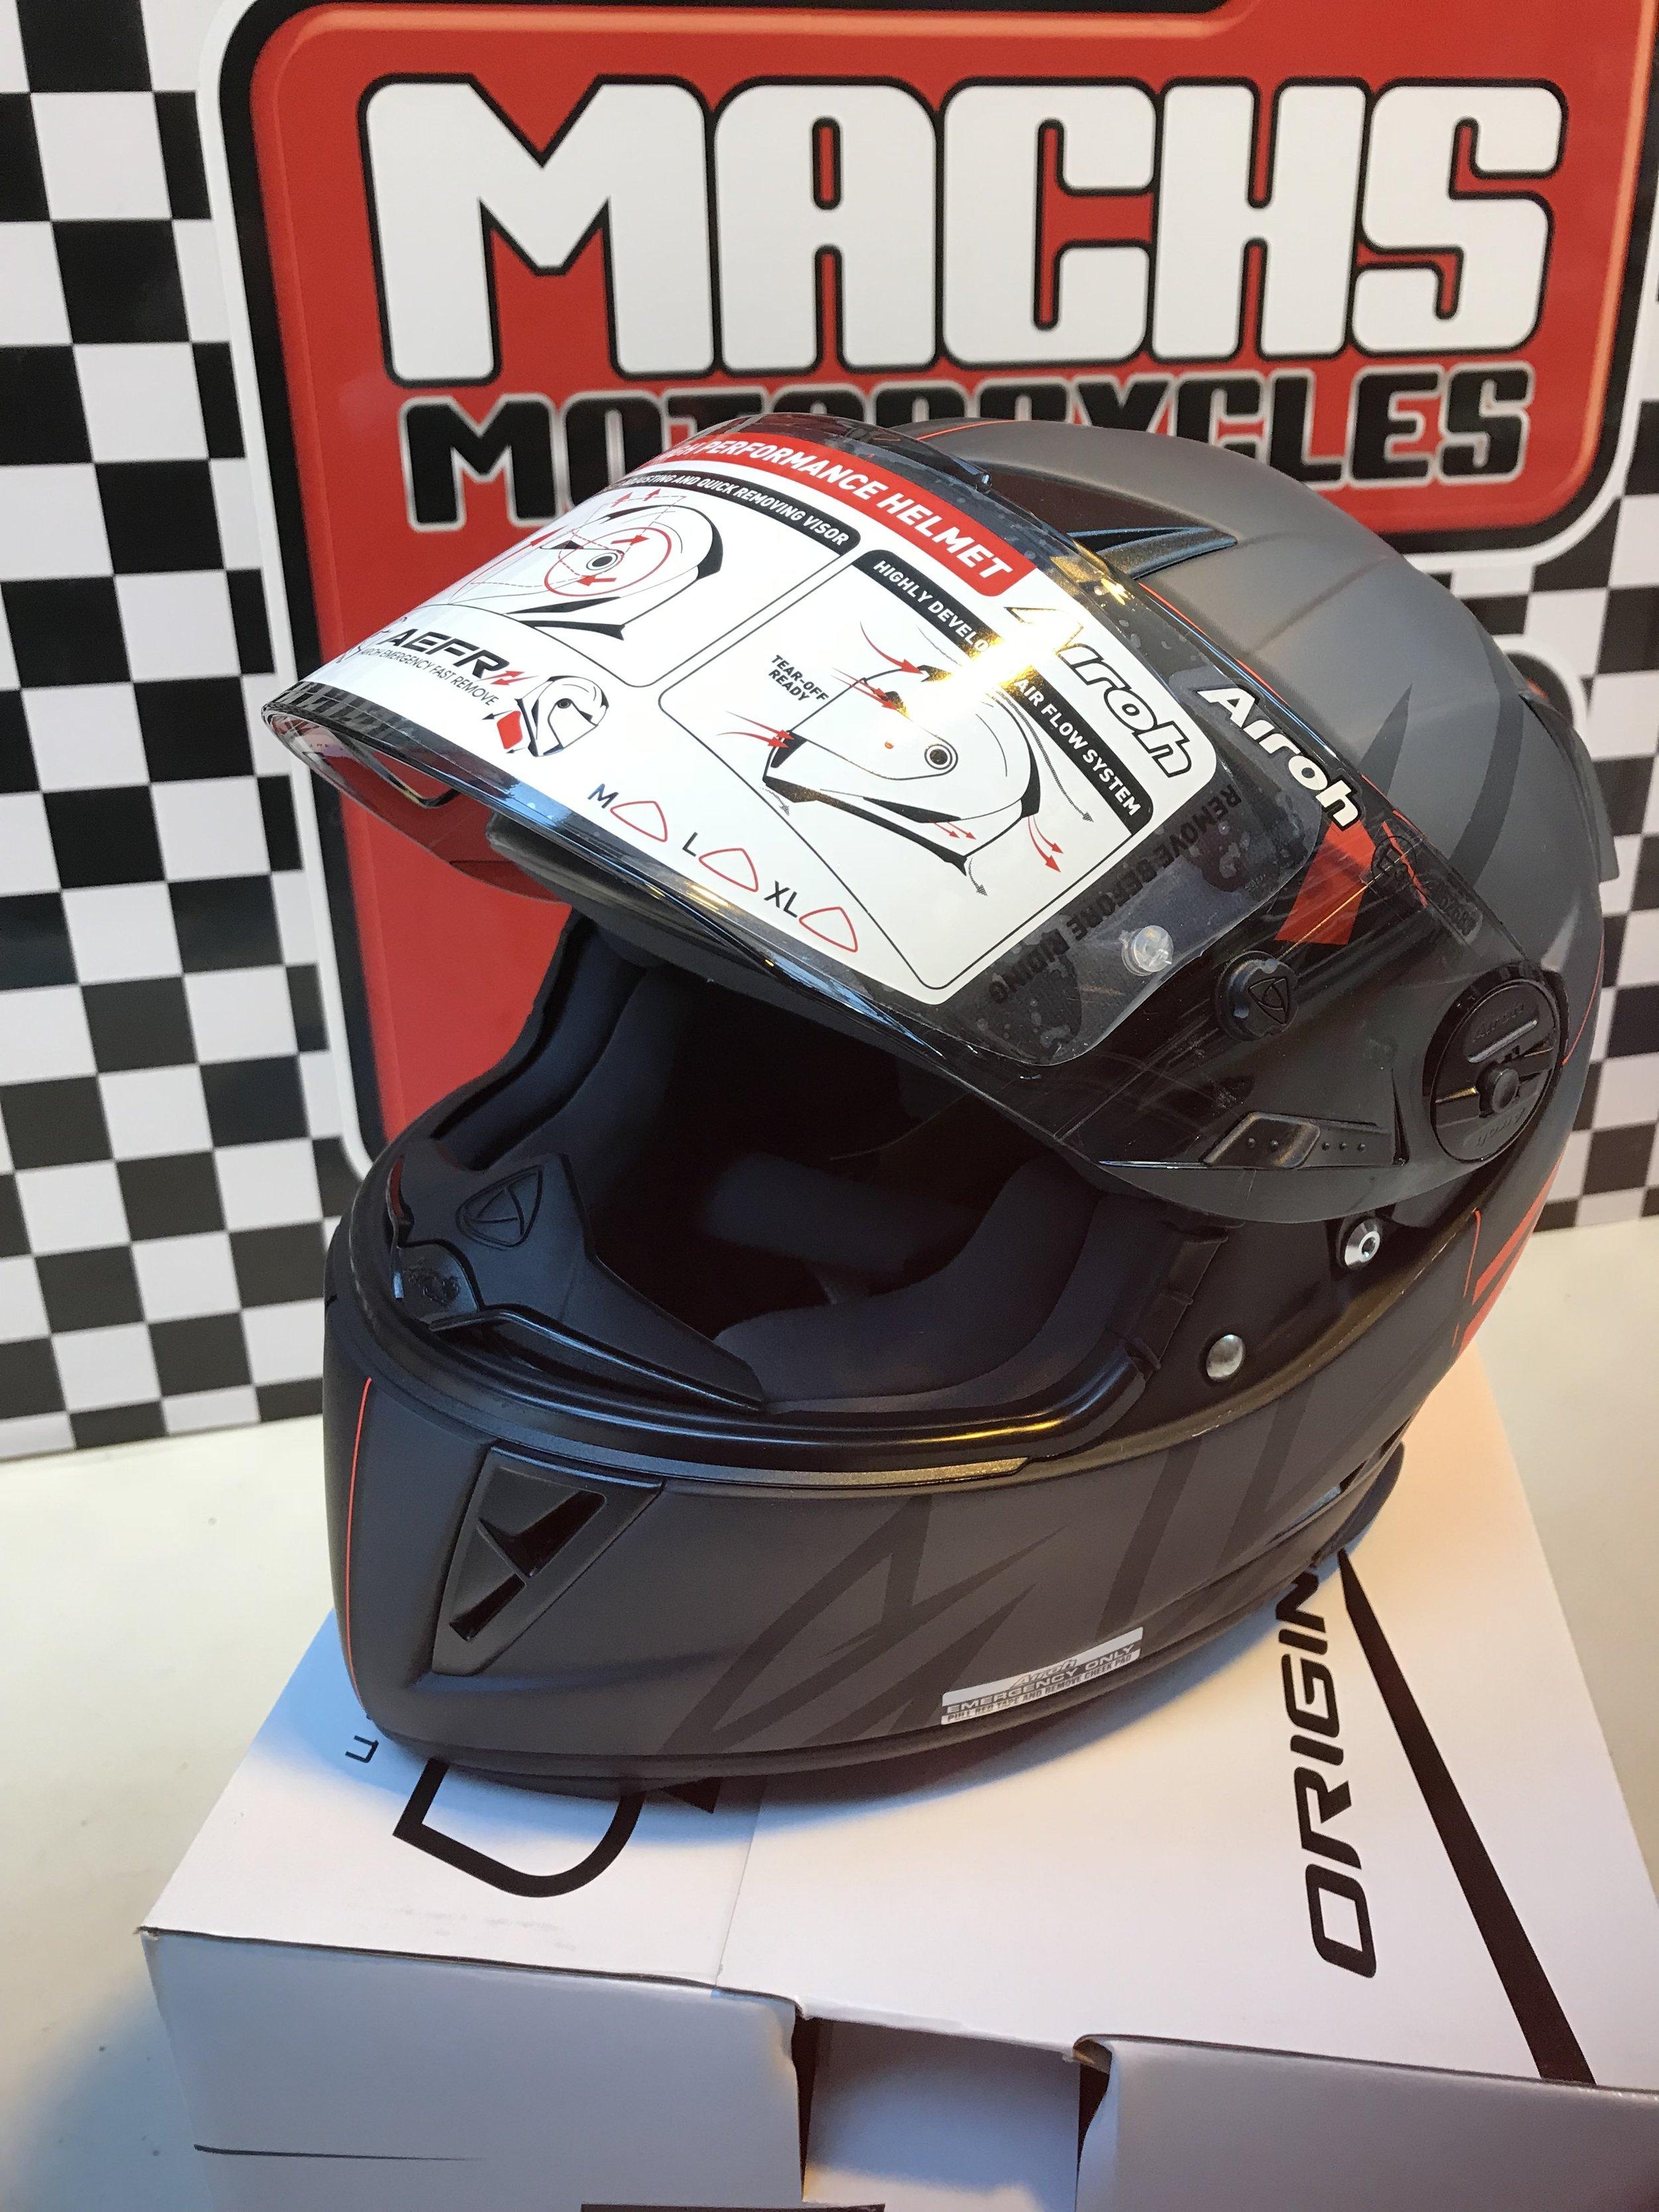 97864554 Airoh GP500 Sectors Matt Orange — 2 MACHS MOTORCYCLES